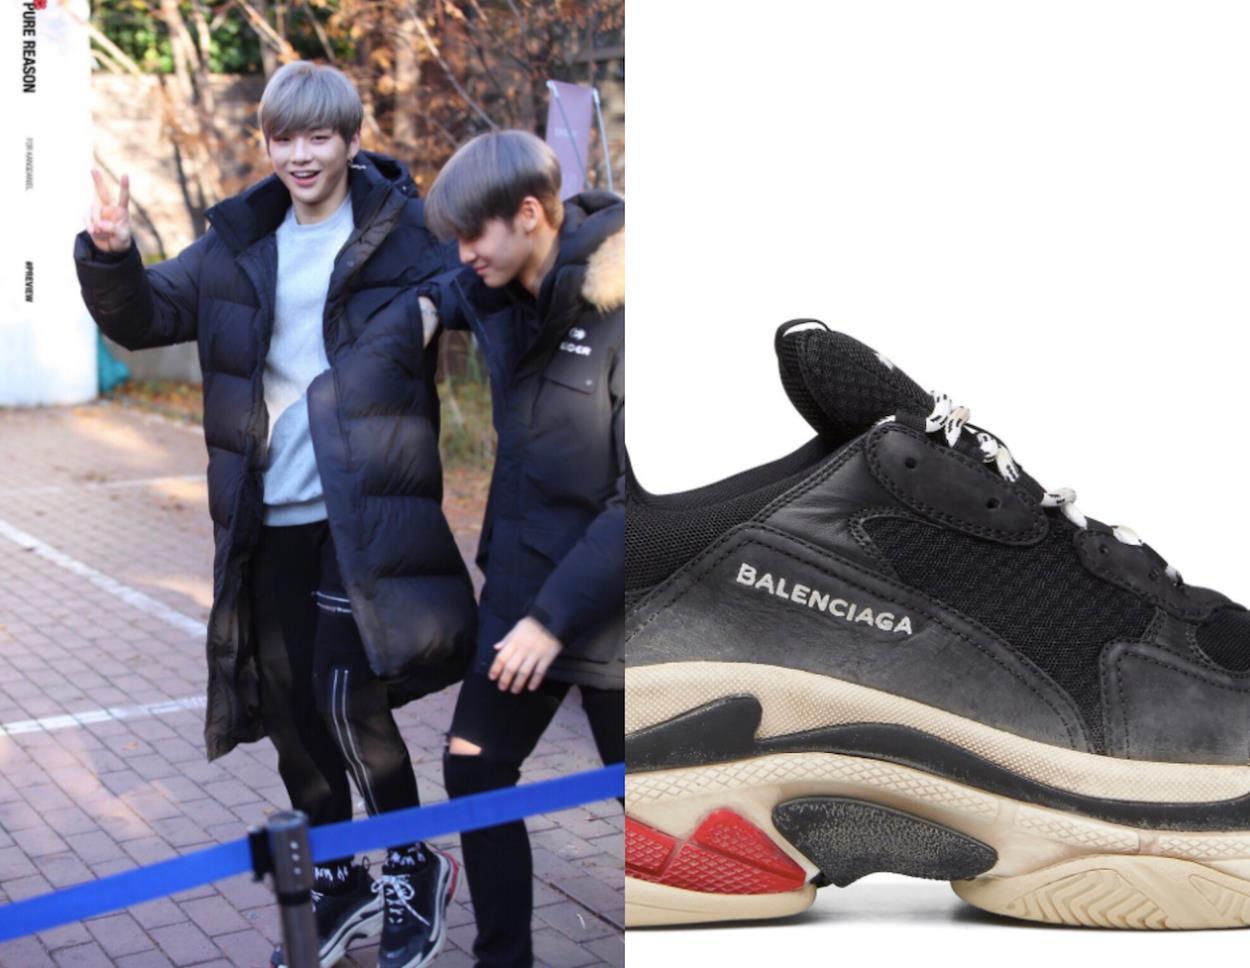 Triple S của Balenciaga: Đôi sneaker hơn 20 triệu nhưng được sao Việt - Hàn lăng xê hết nấc